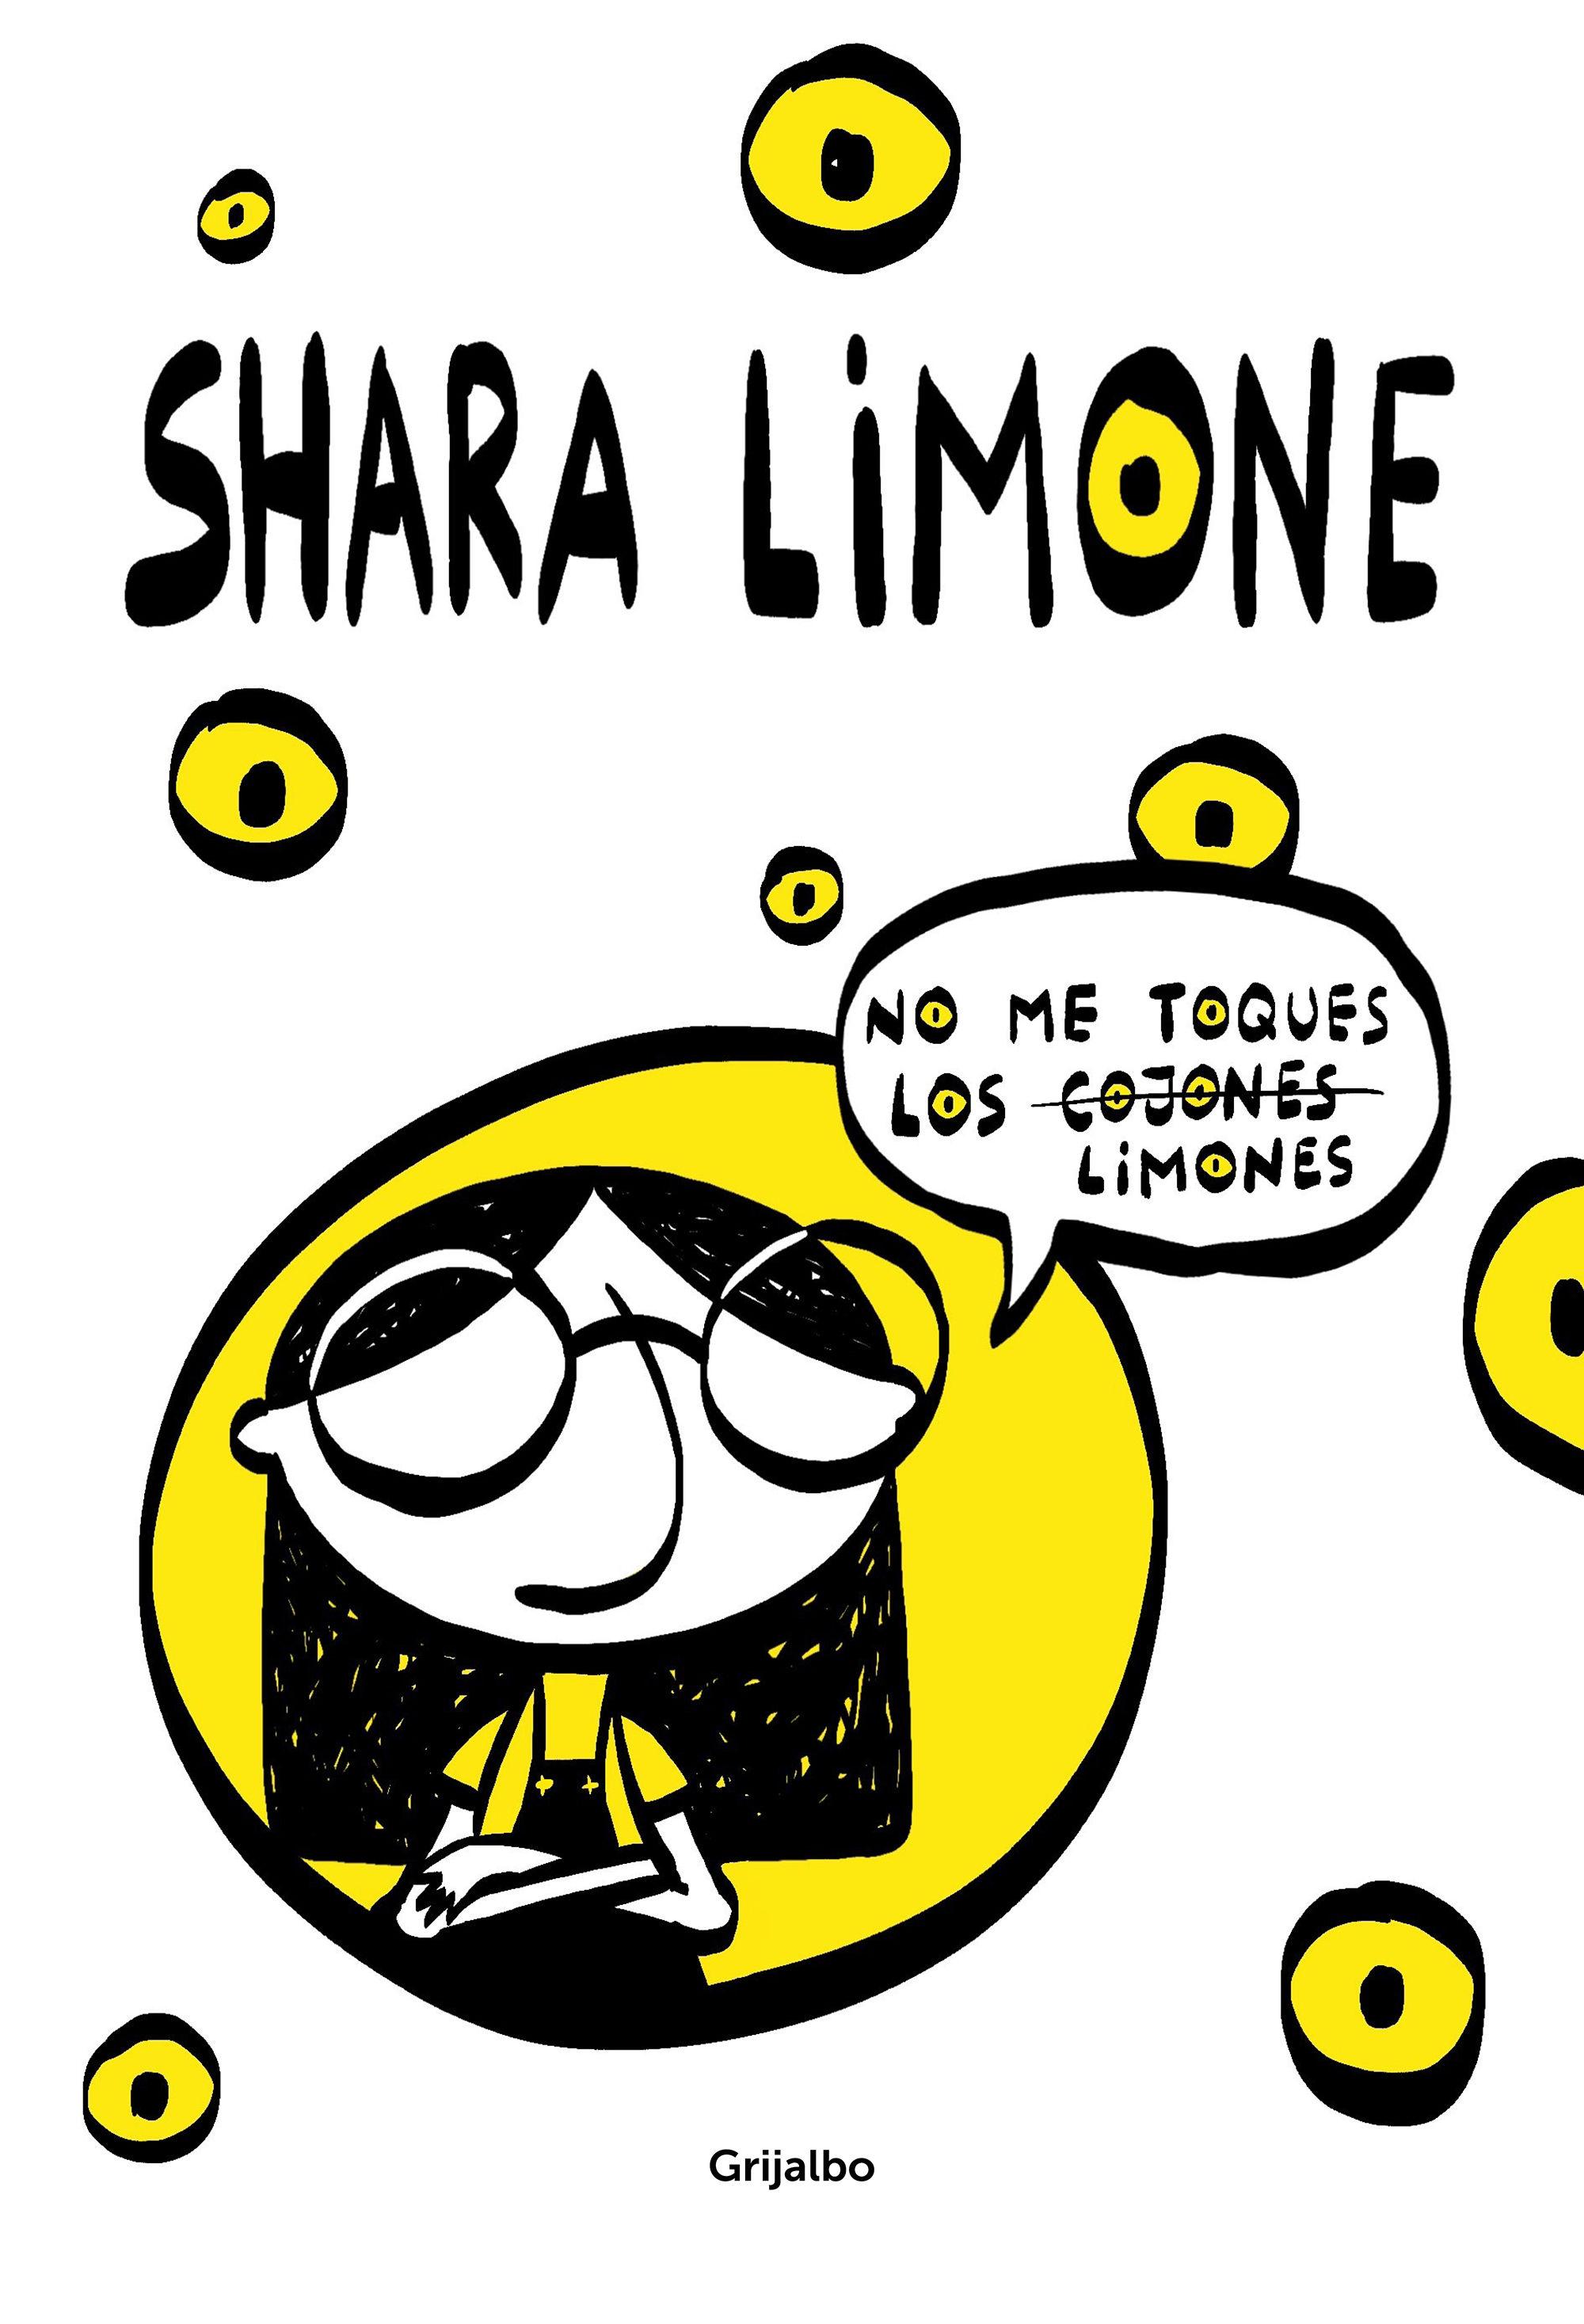 NO ME TOQUES LOS LIMONES DIARIO DE SHARA LIMONE